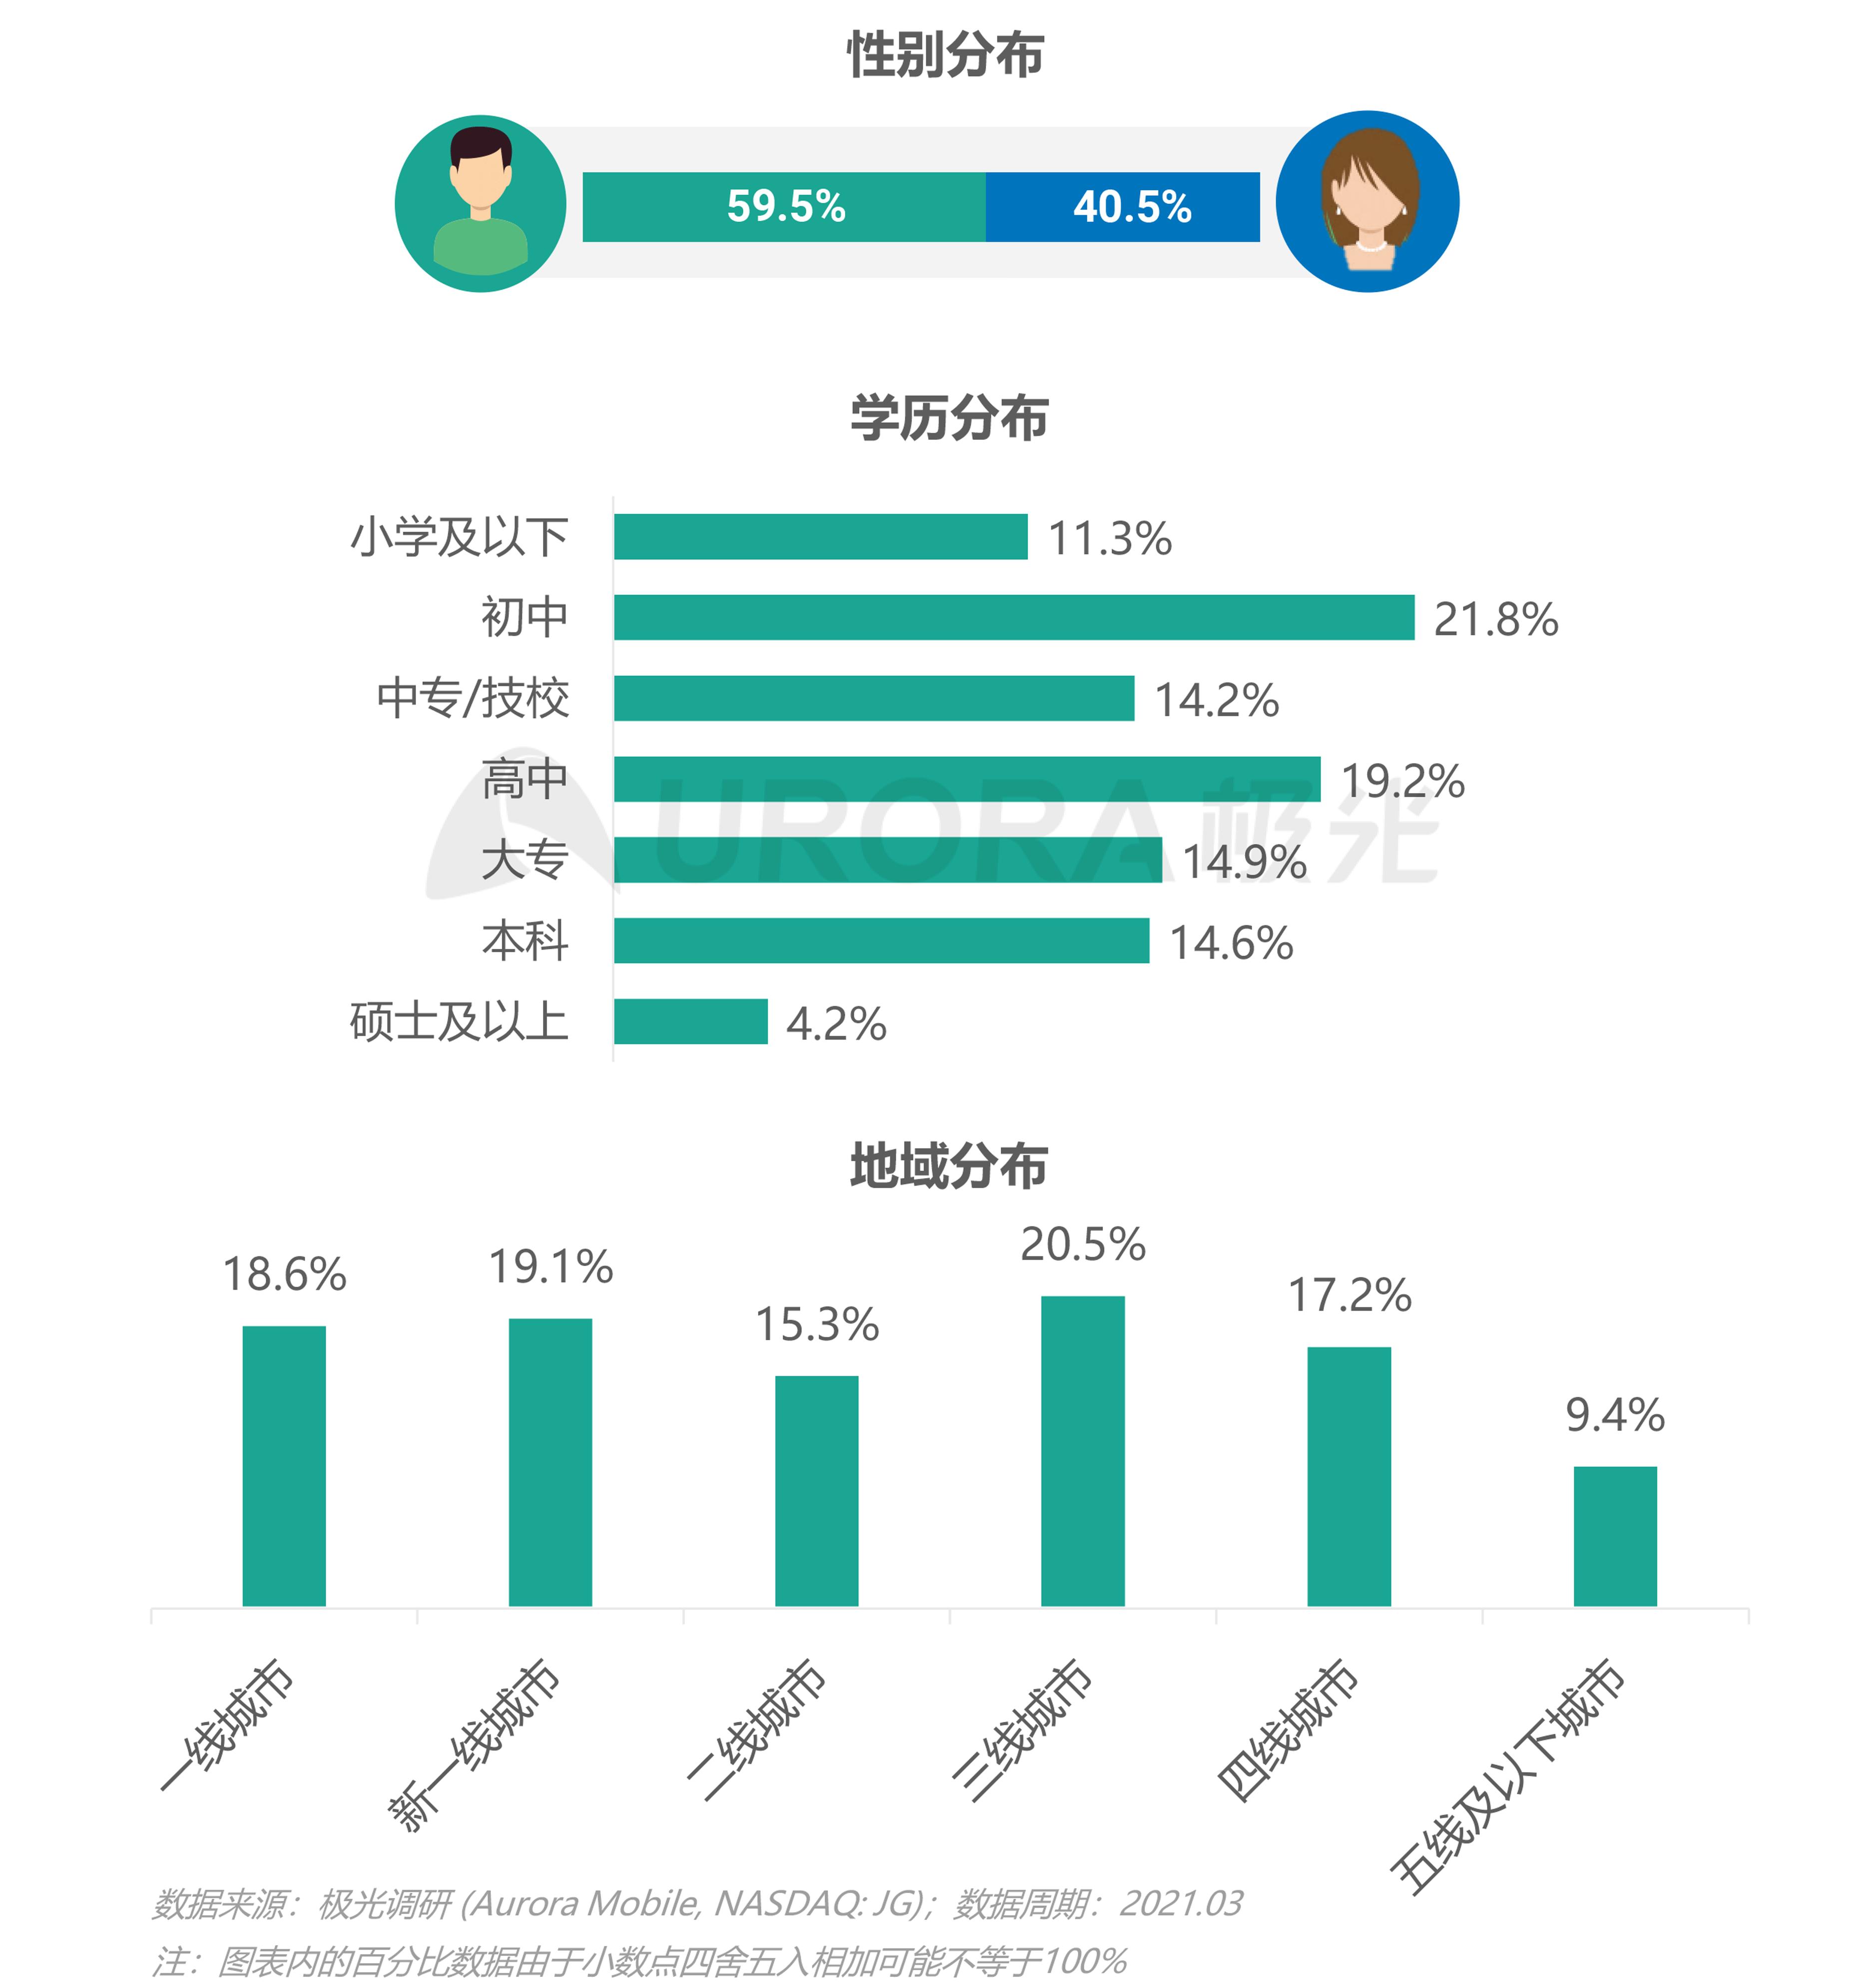 2021年轻人营销趋势研究报告【定稿】-5.png